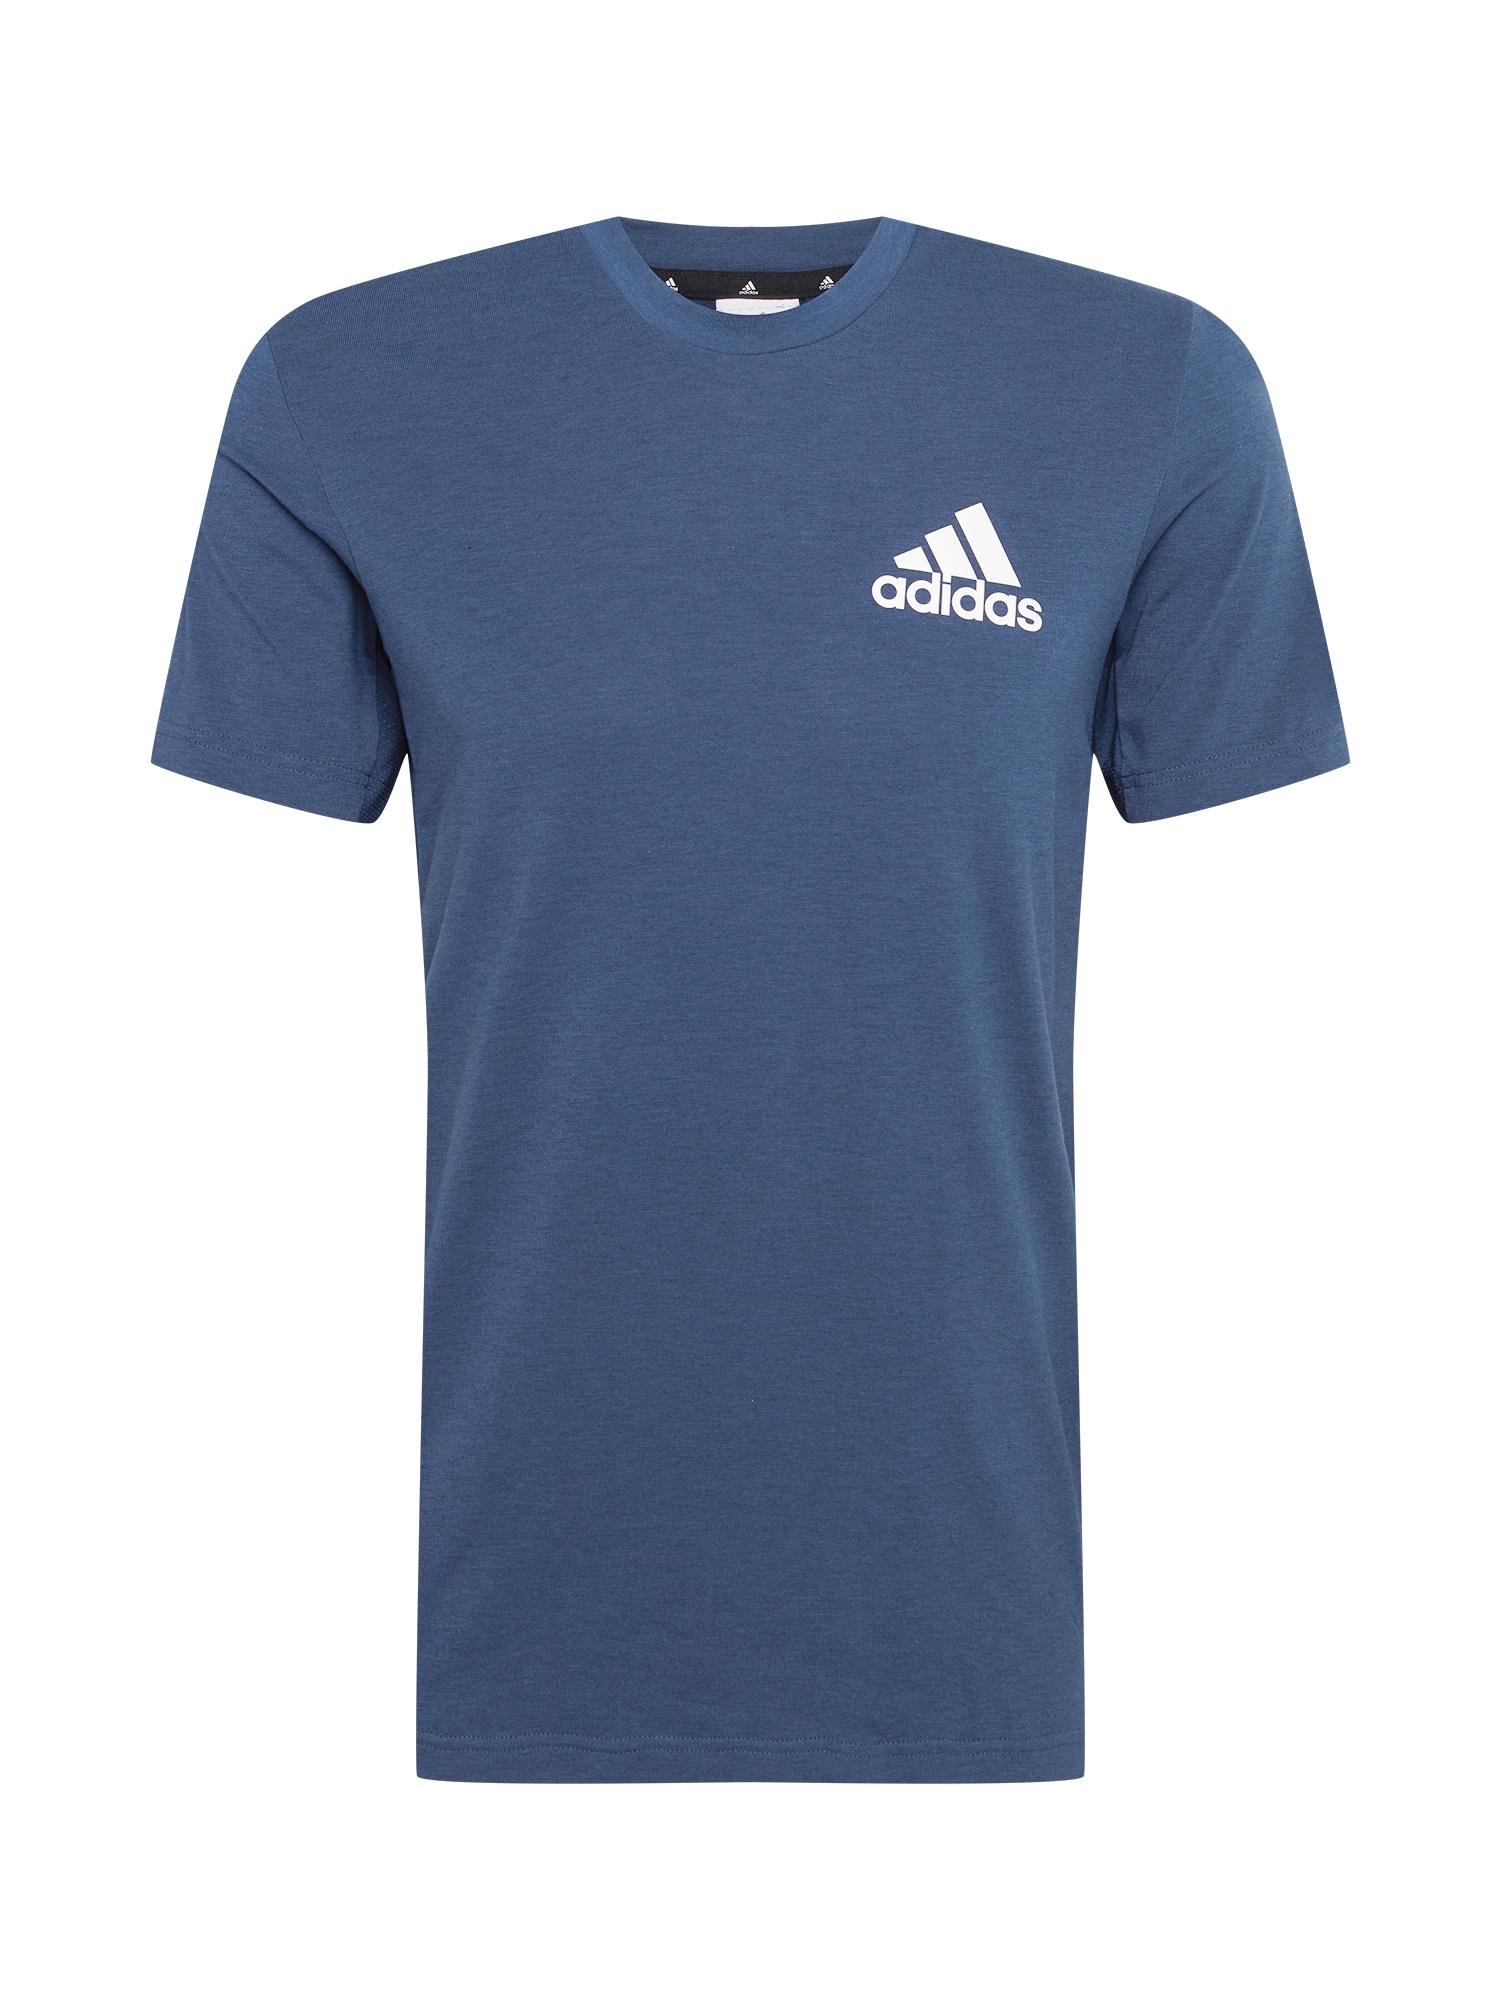 ADIDAS PERFORMANCE Funkční tričko  kouřově modrá / bílá